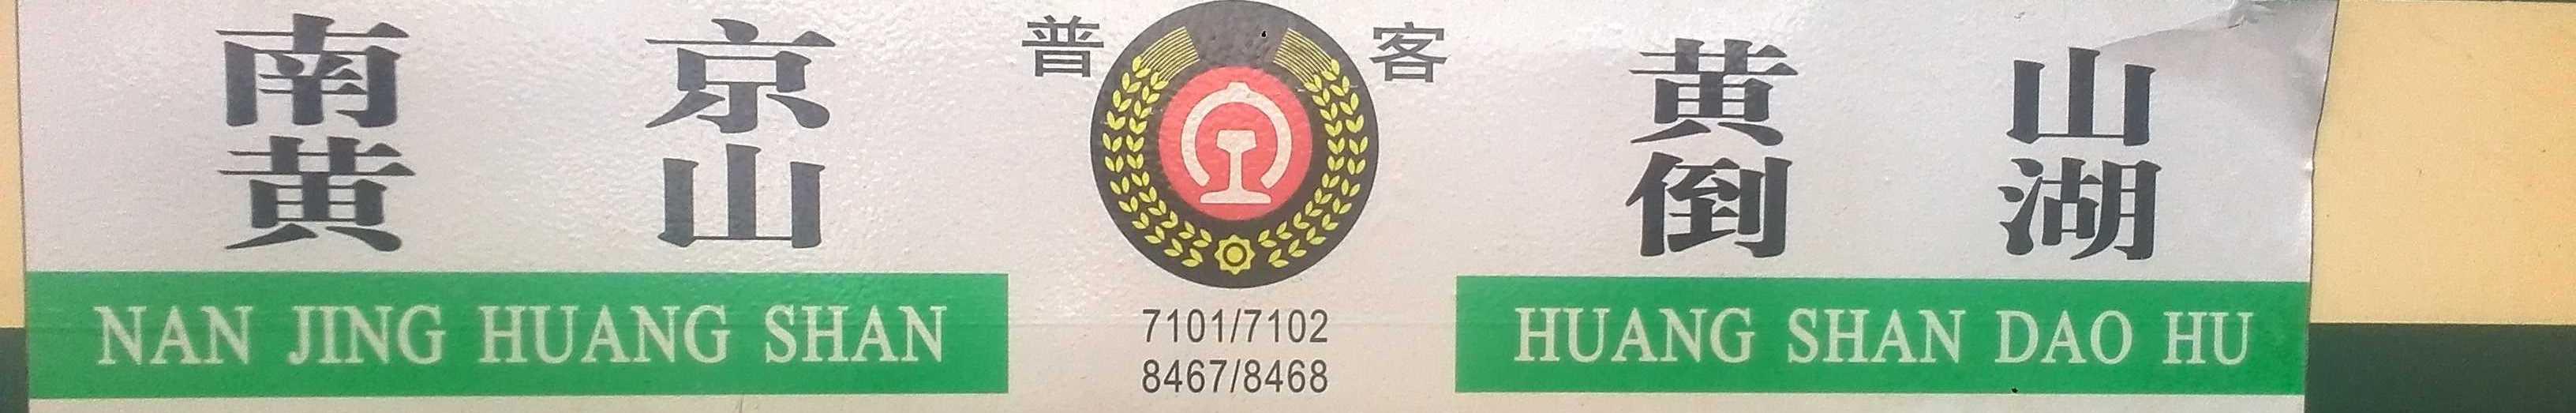 宁黄神车7102 banner